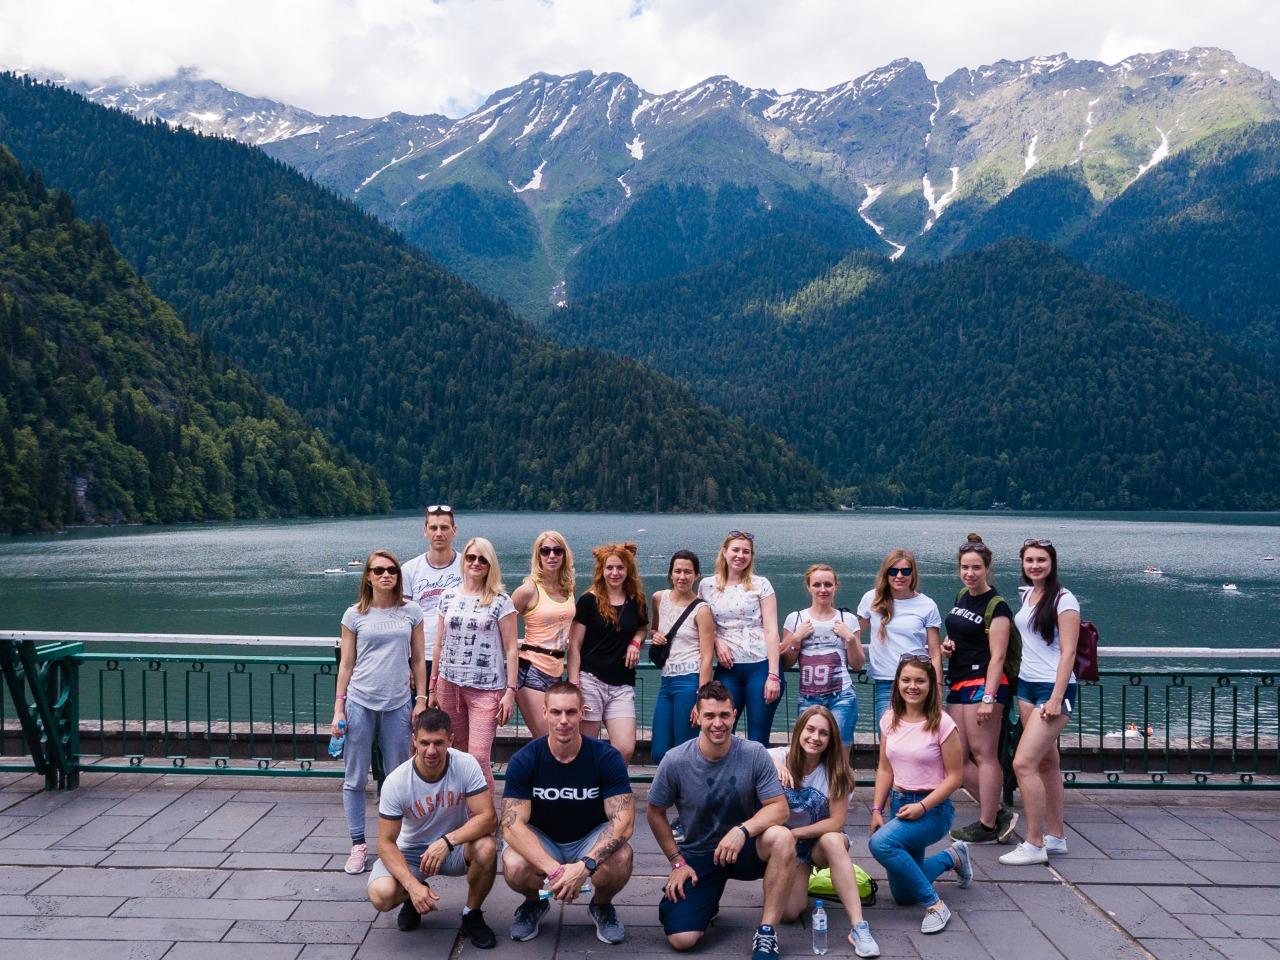 Абхазия Экспресс - индивидуальная экскурсия в Сочи от опытного гида